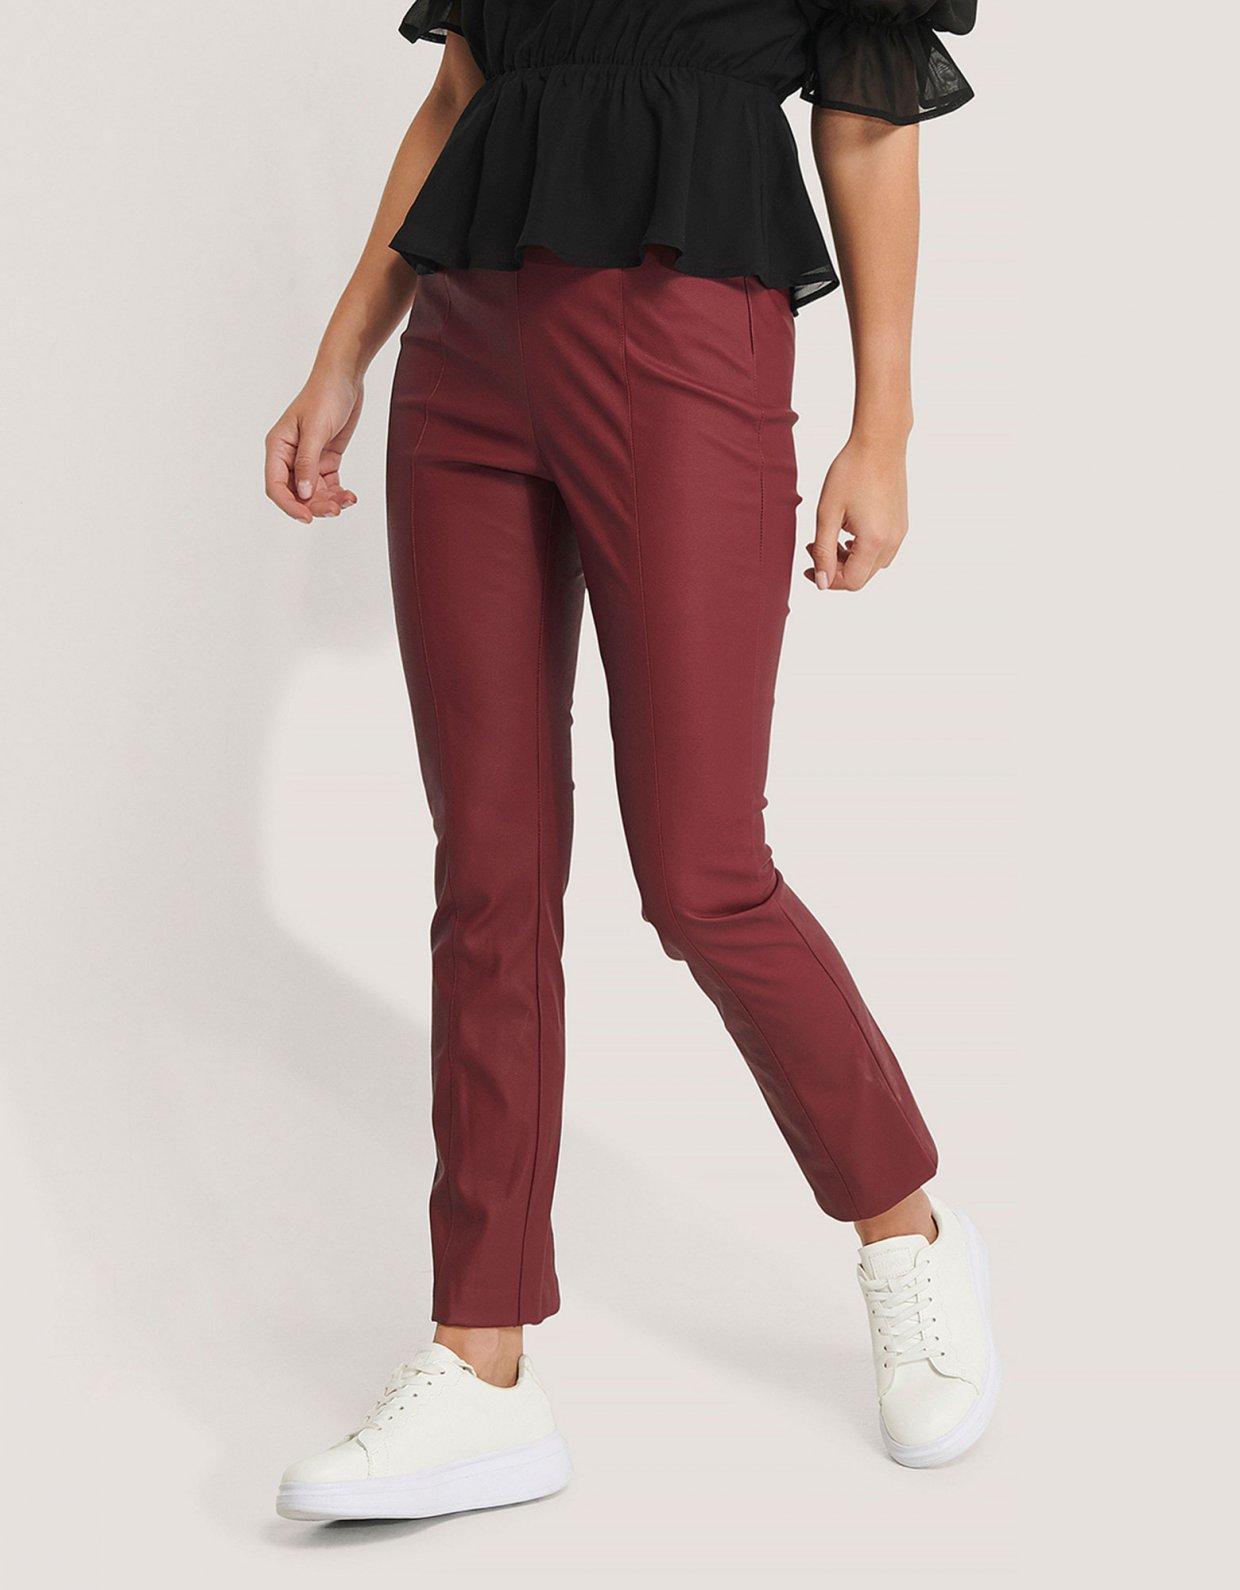 NA-KD Kick flare PU pants dark red